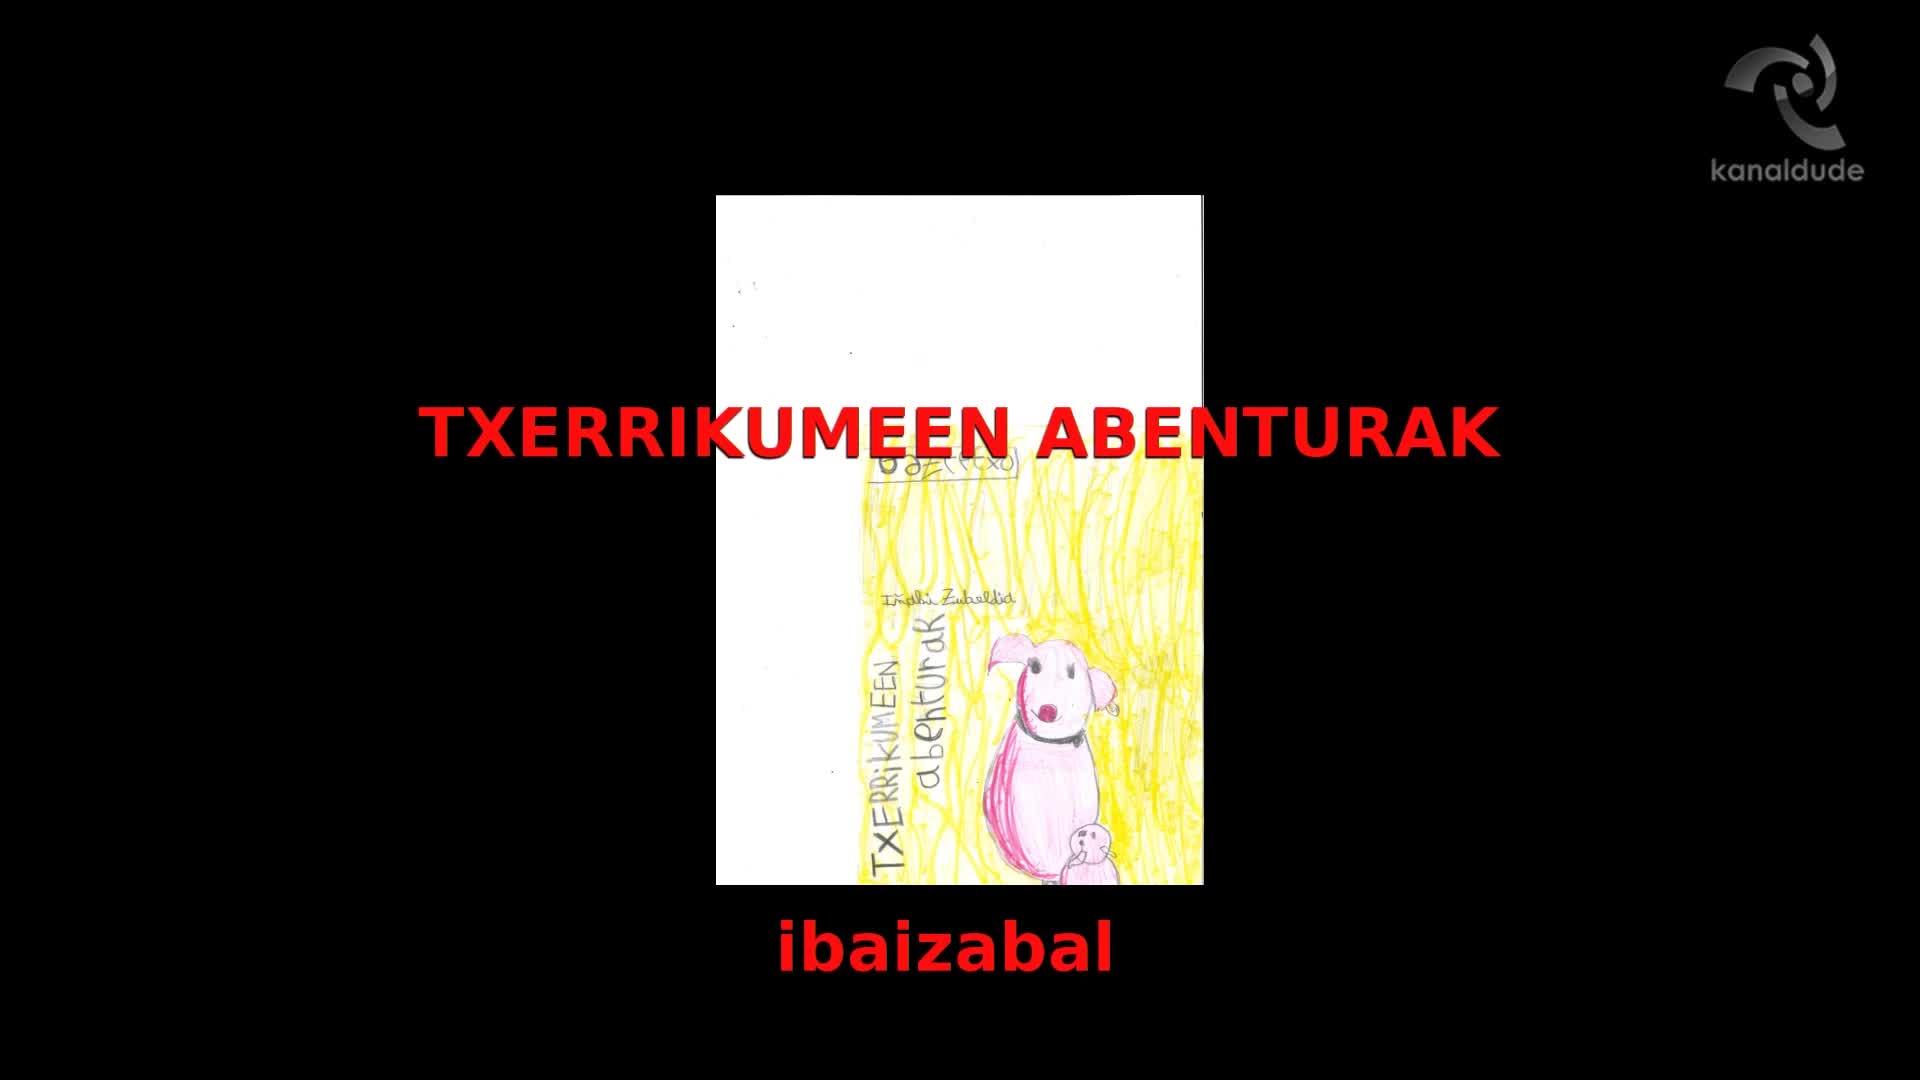 """""""Txerrikumeen abenturak"""" Iñaki Zubeldia"""